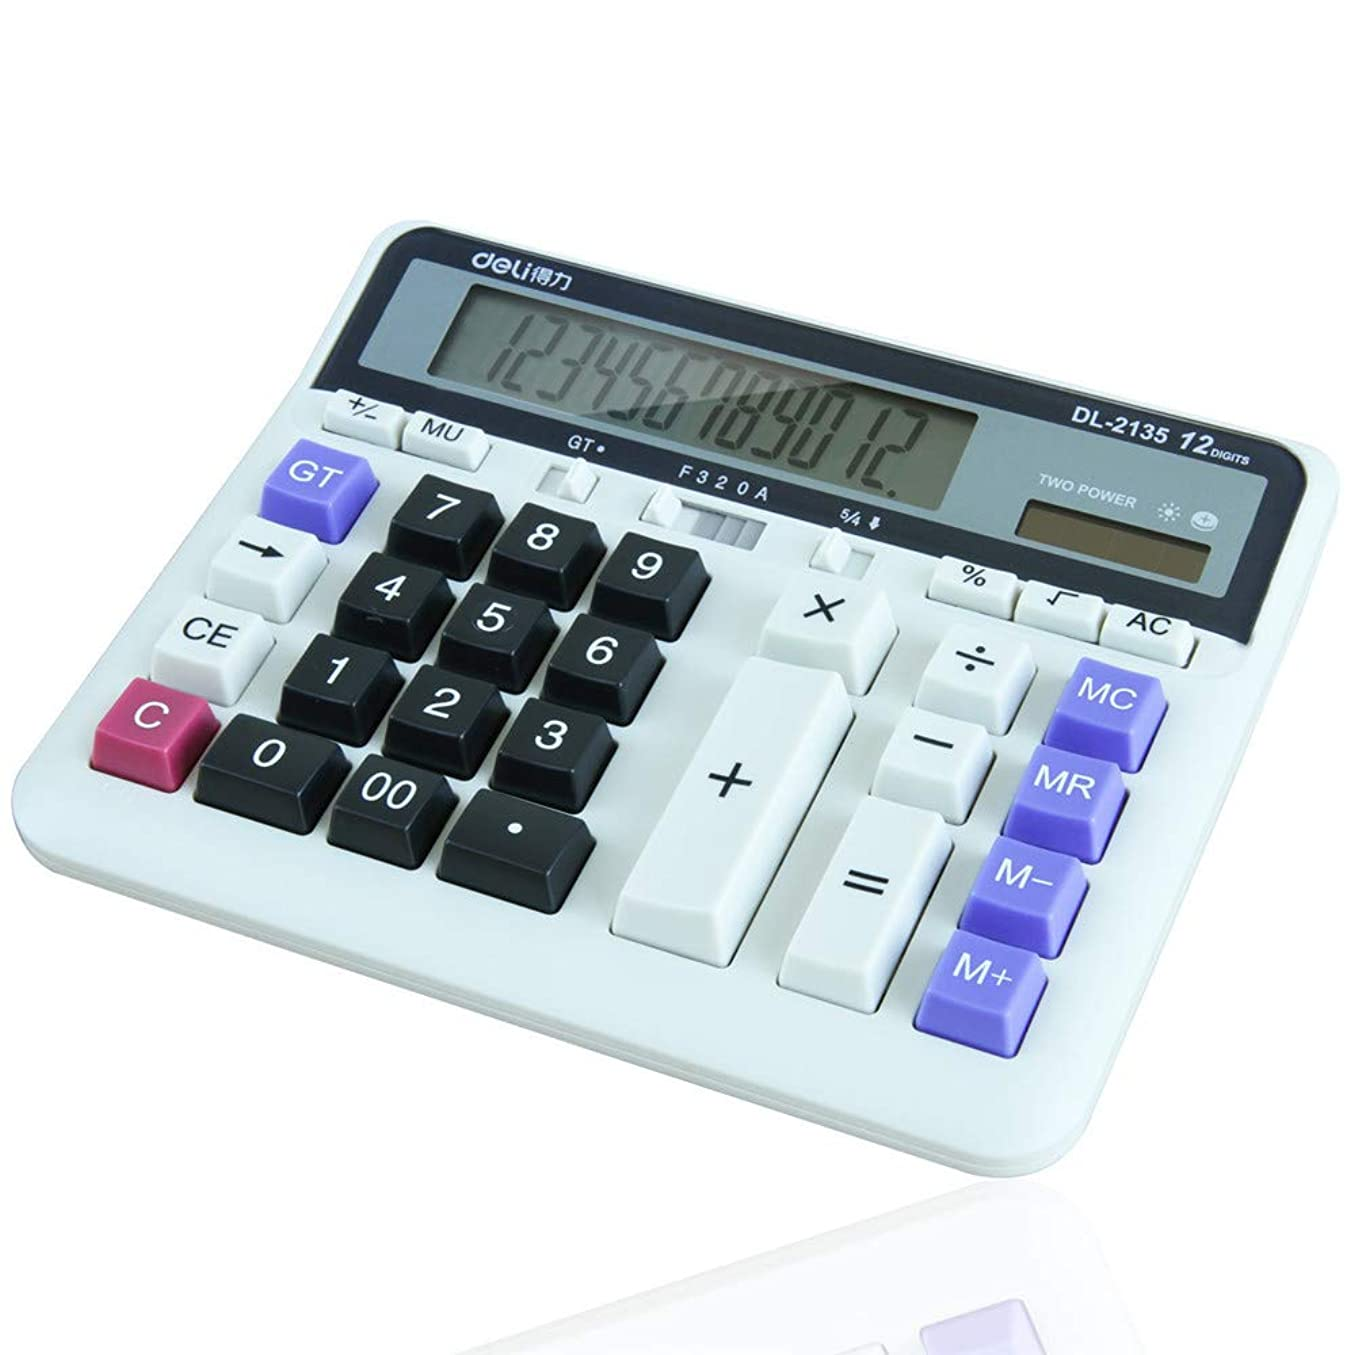 振り子干ばつレプリカ多機能 竹製電卓 コンピュータキーボード金融銀行専用コンピュータデュアルパワーソーラーデスクトップオフィス電卓